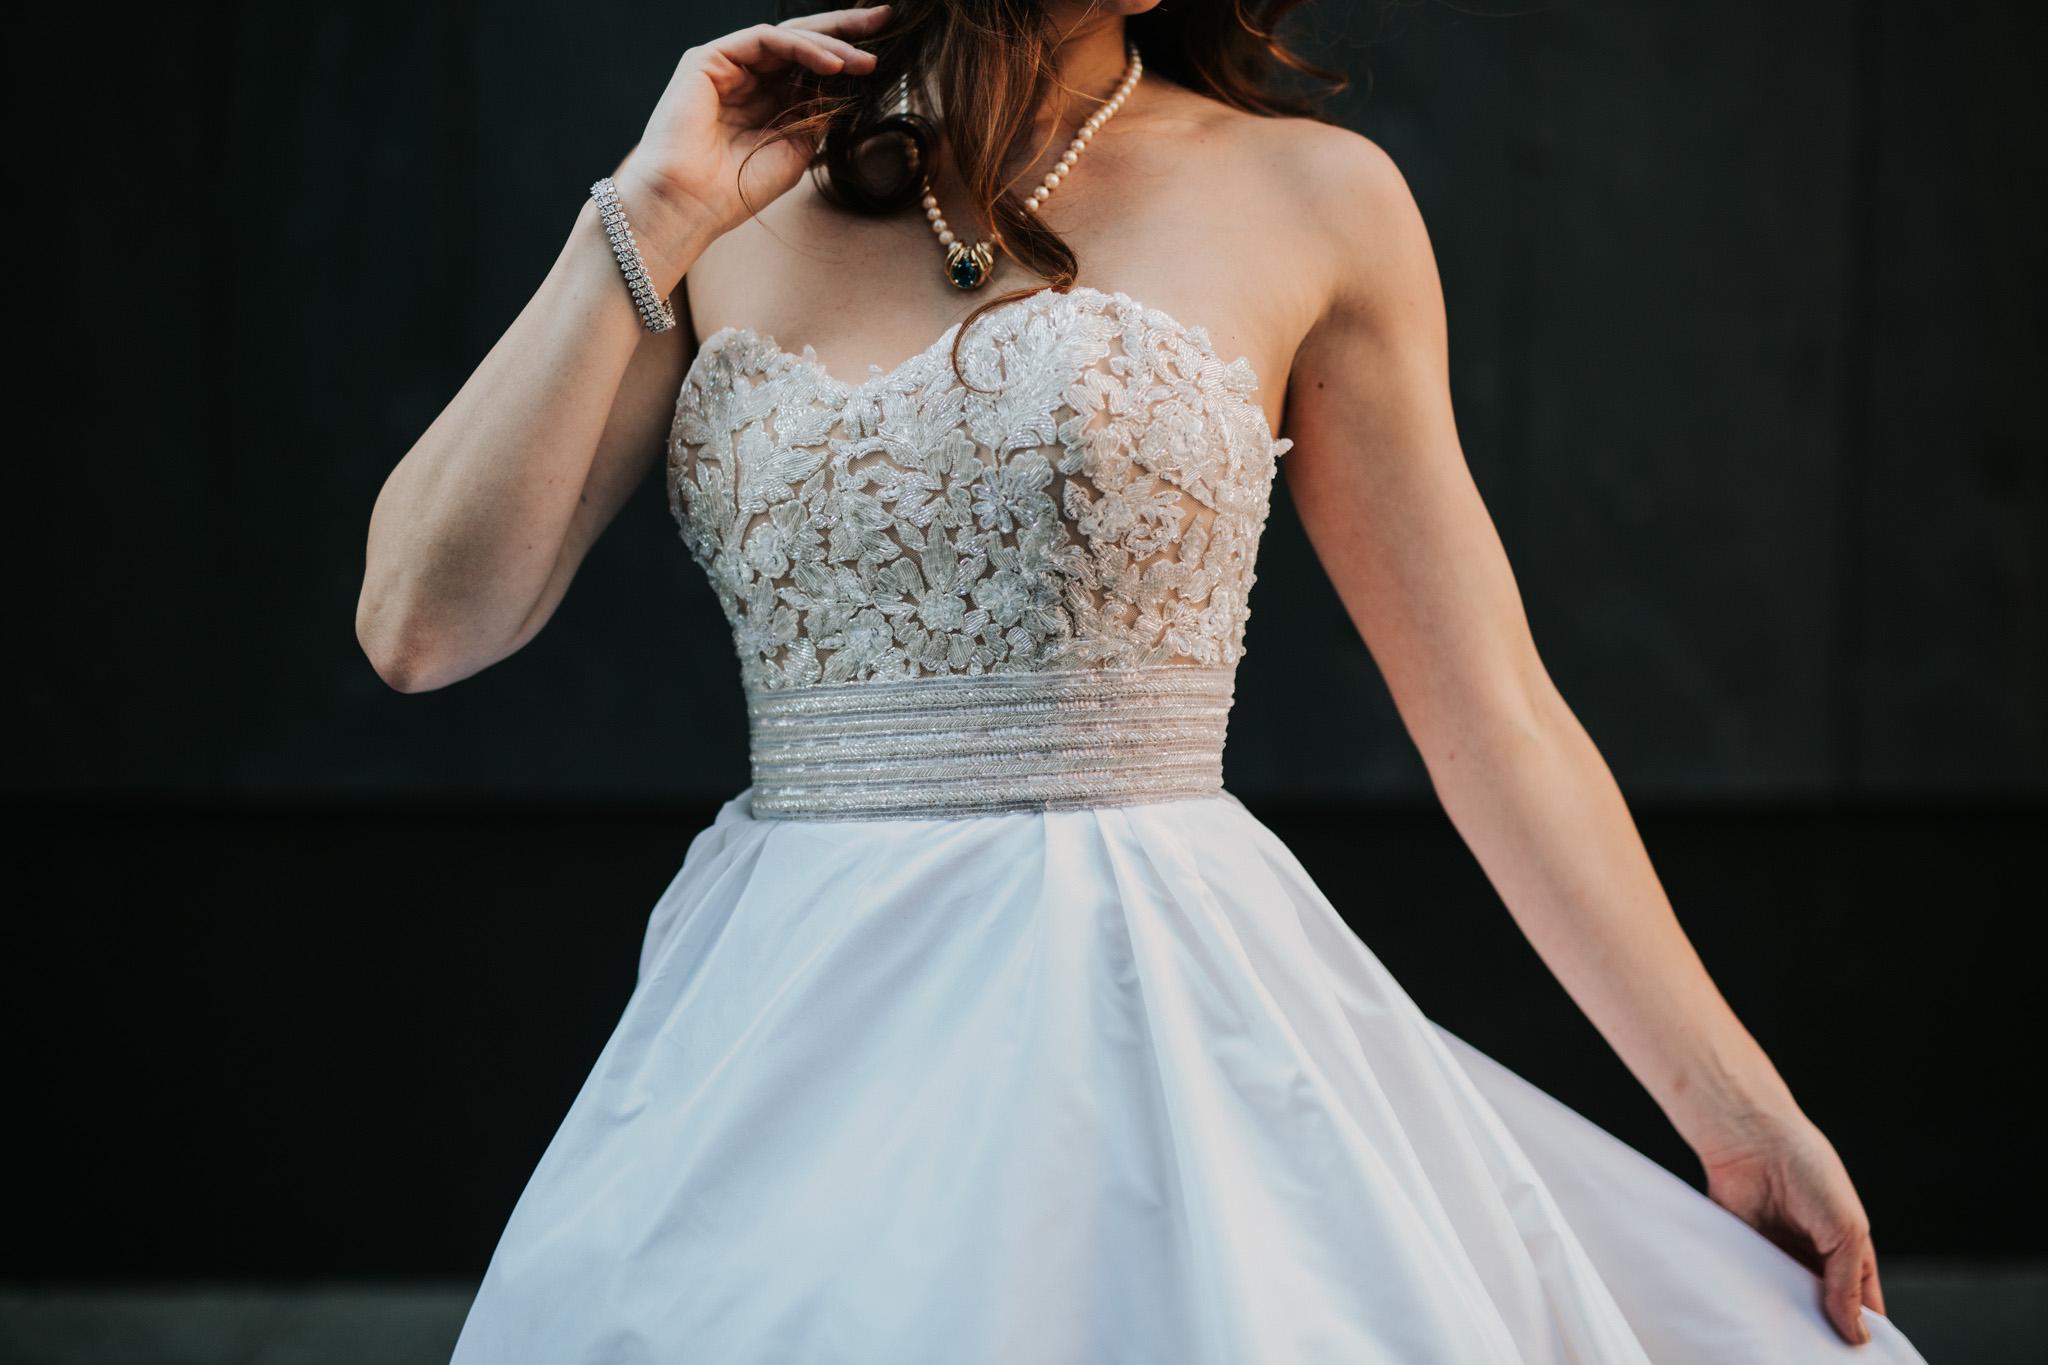 Laura Rowe Photography, Toronto Wedding, Destination Wedding Photographer, Four Seasons Wedding -47.jpg